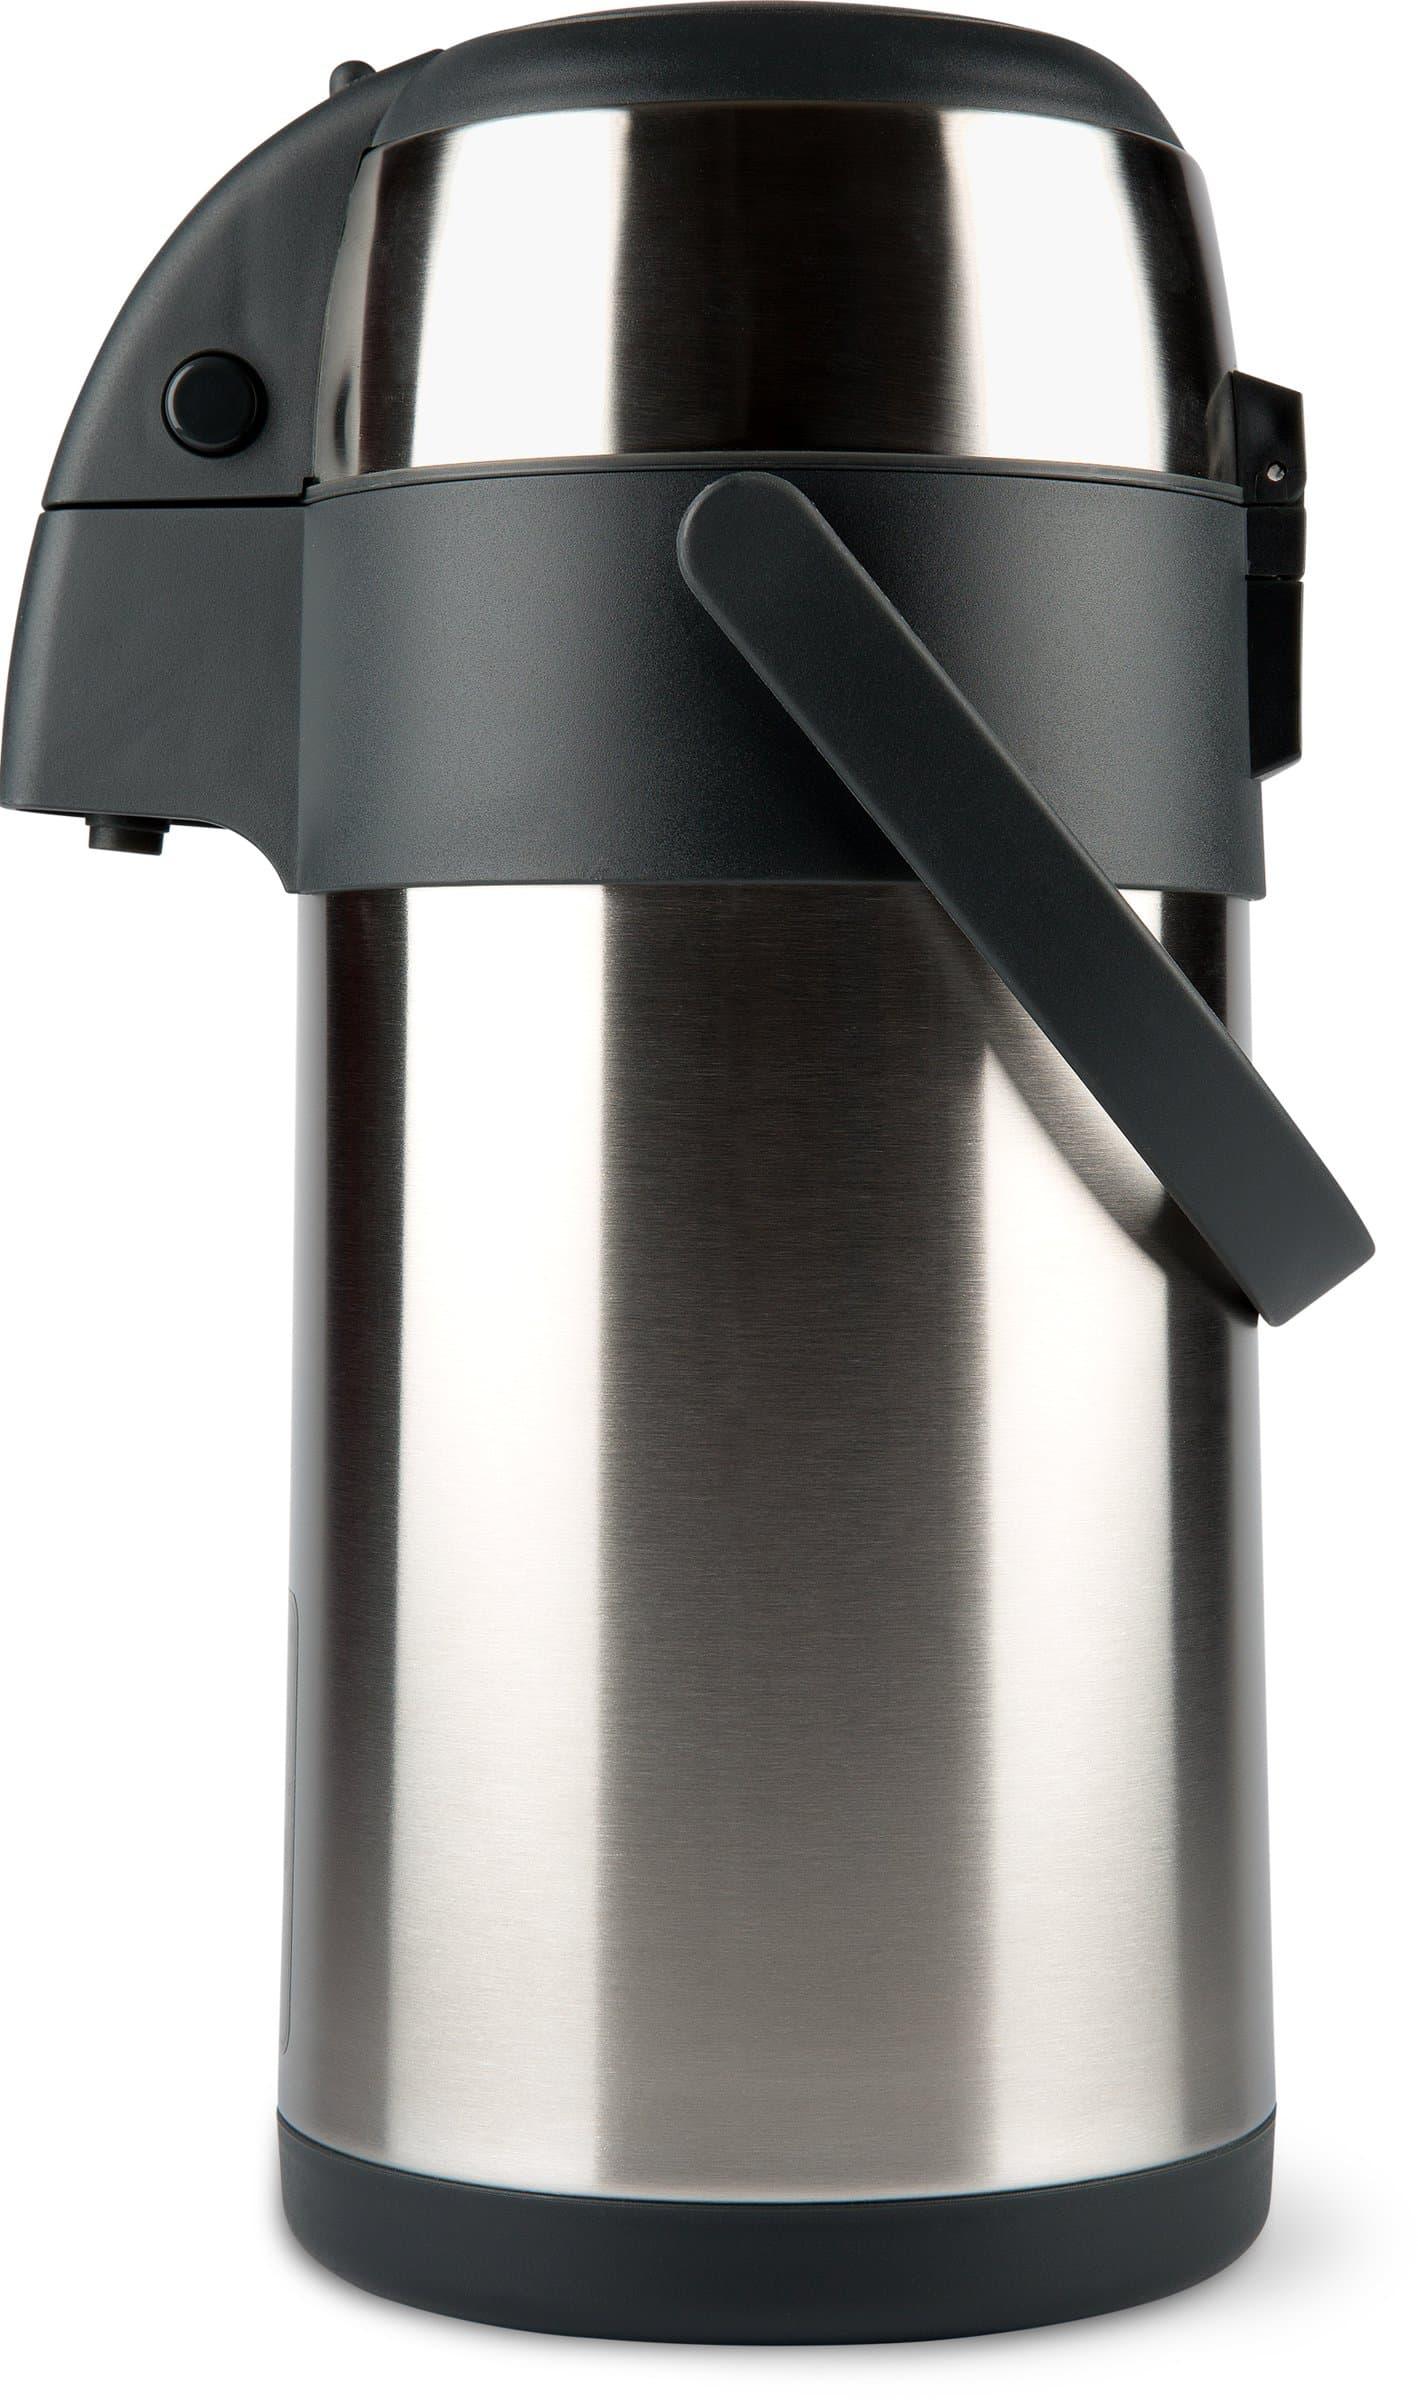 Cucina & Tavola Air-Pot